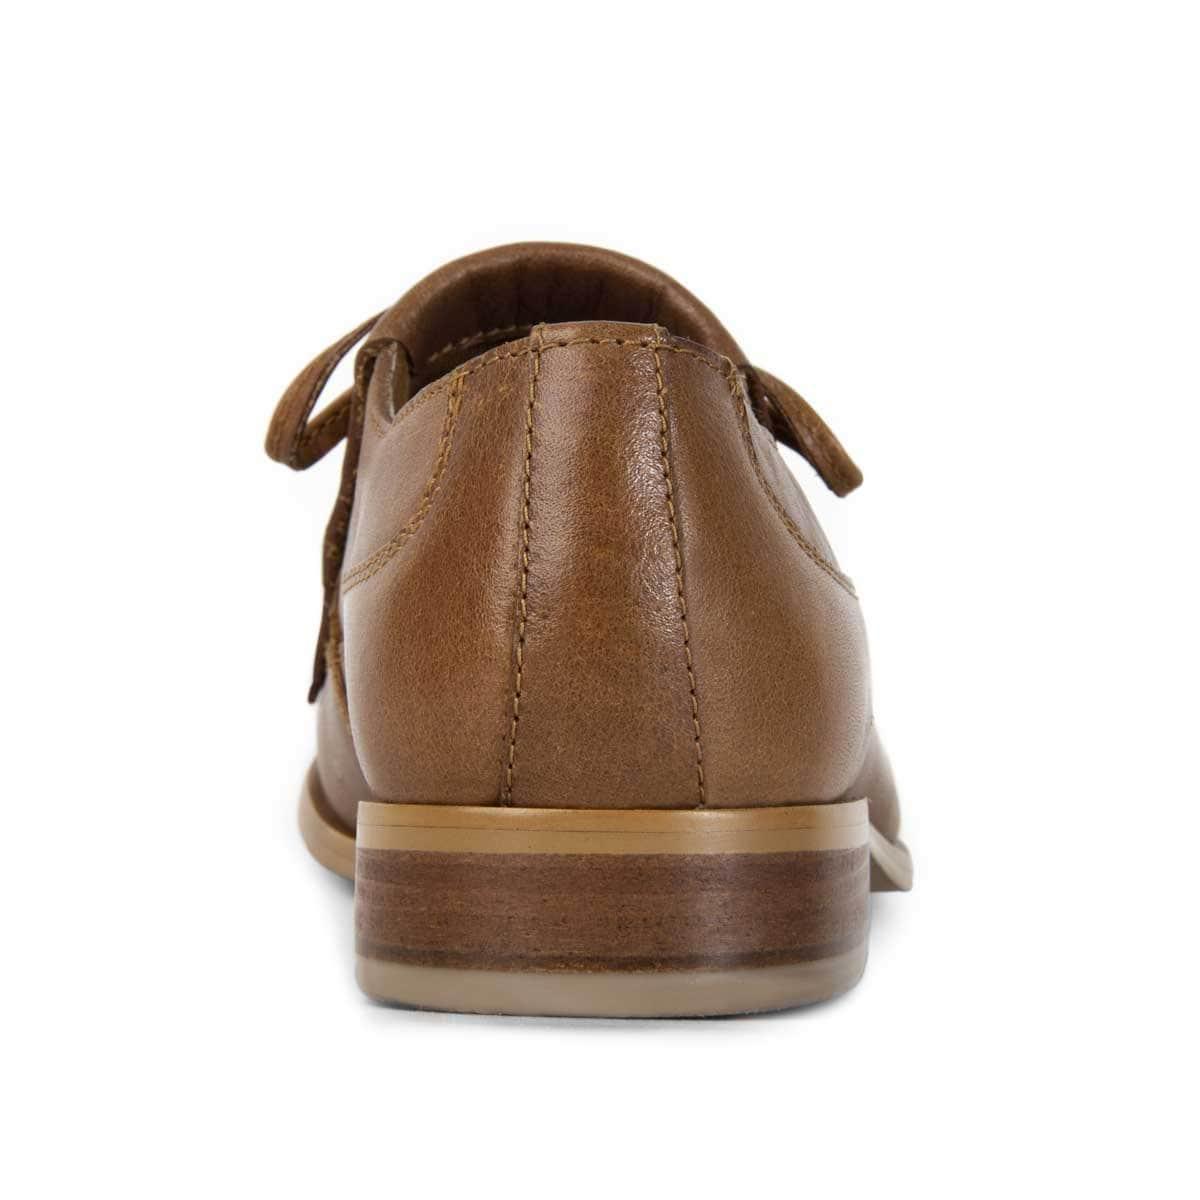 Zapato Menstyle Café Brantano